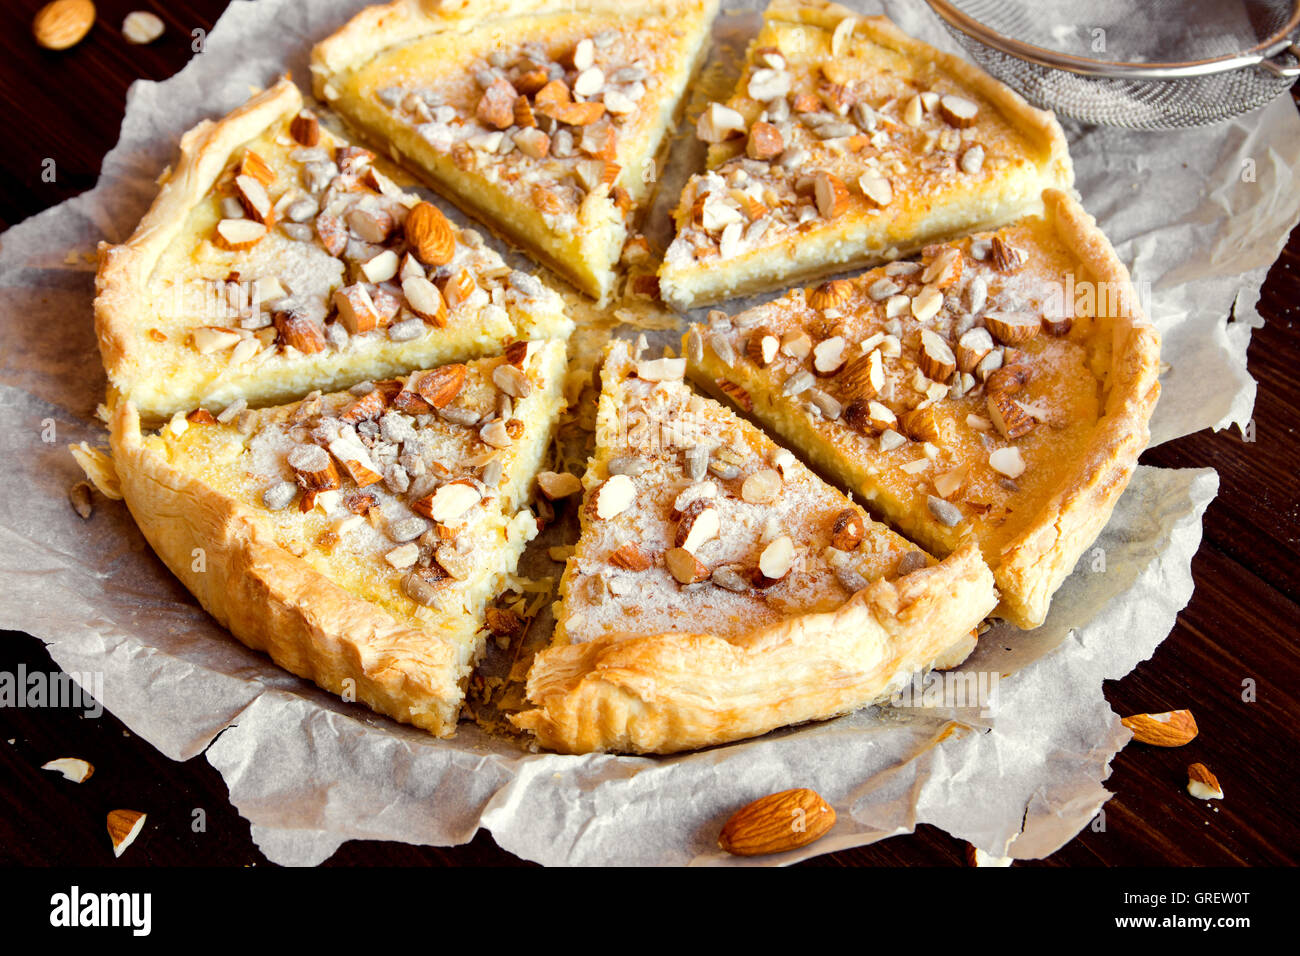 Tarta de dulce con queso cottage, caramelo, nueces y semillas Imagen De Stock